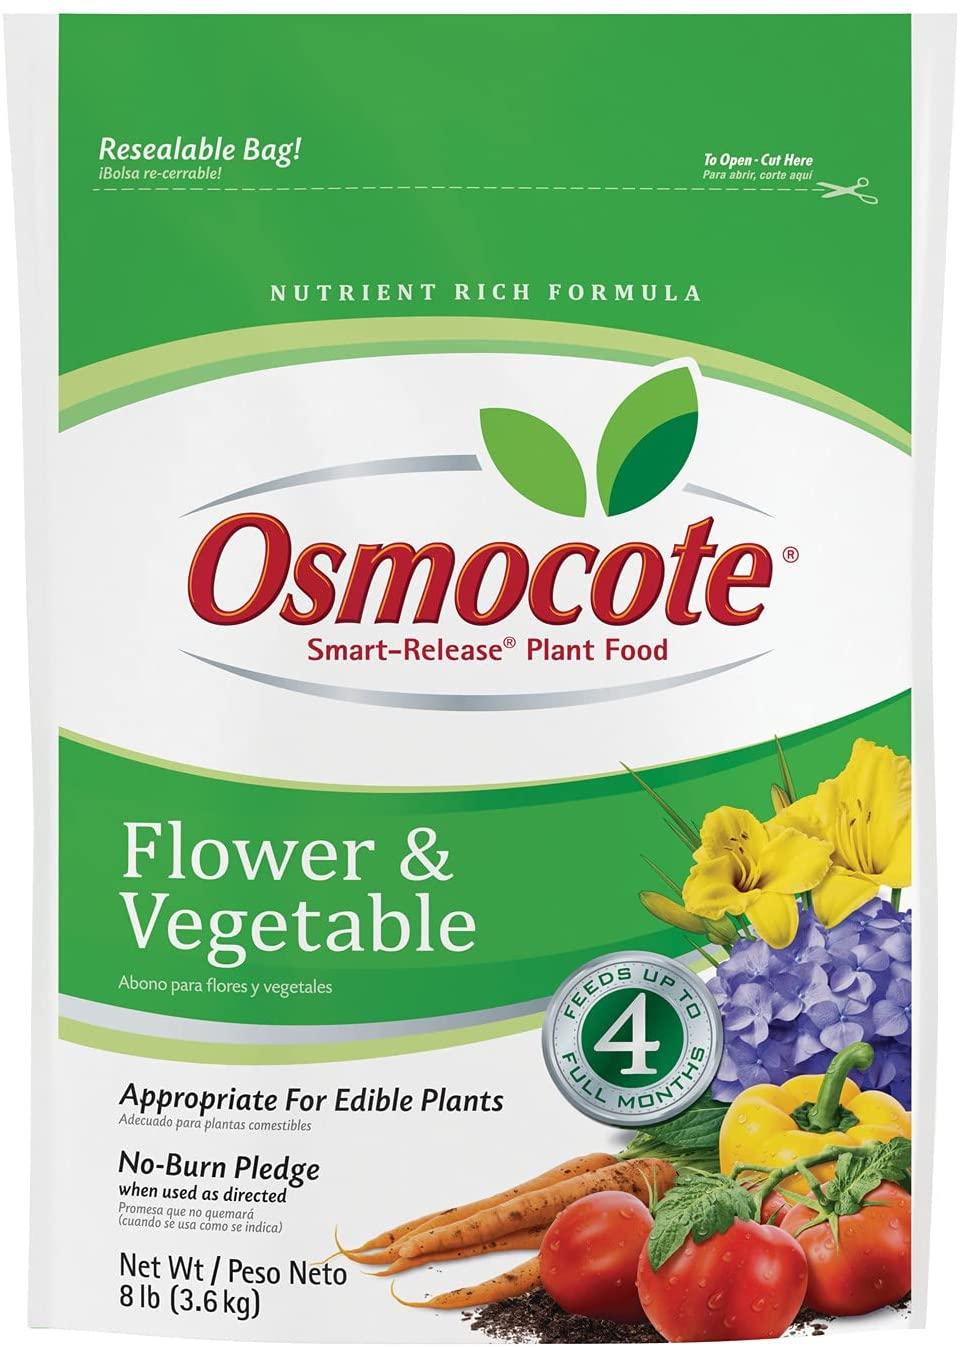 8 Lb bag of Osmocote Smart-Release Plant Food Flower & Vegetable $13.7